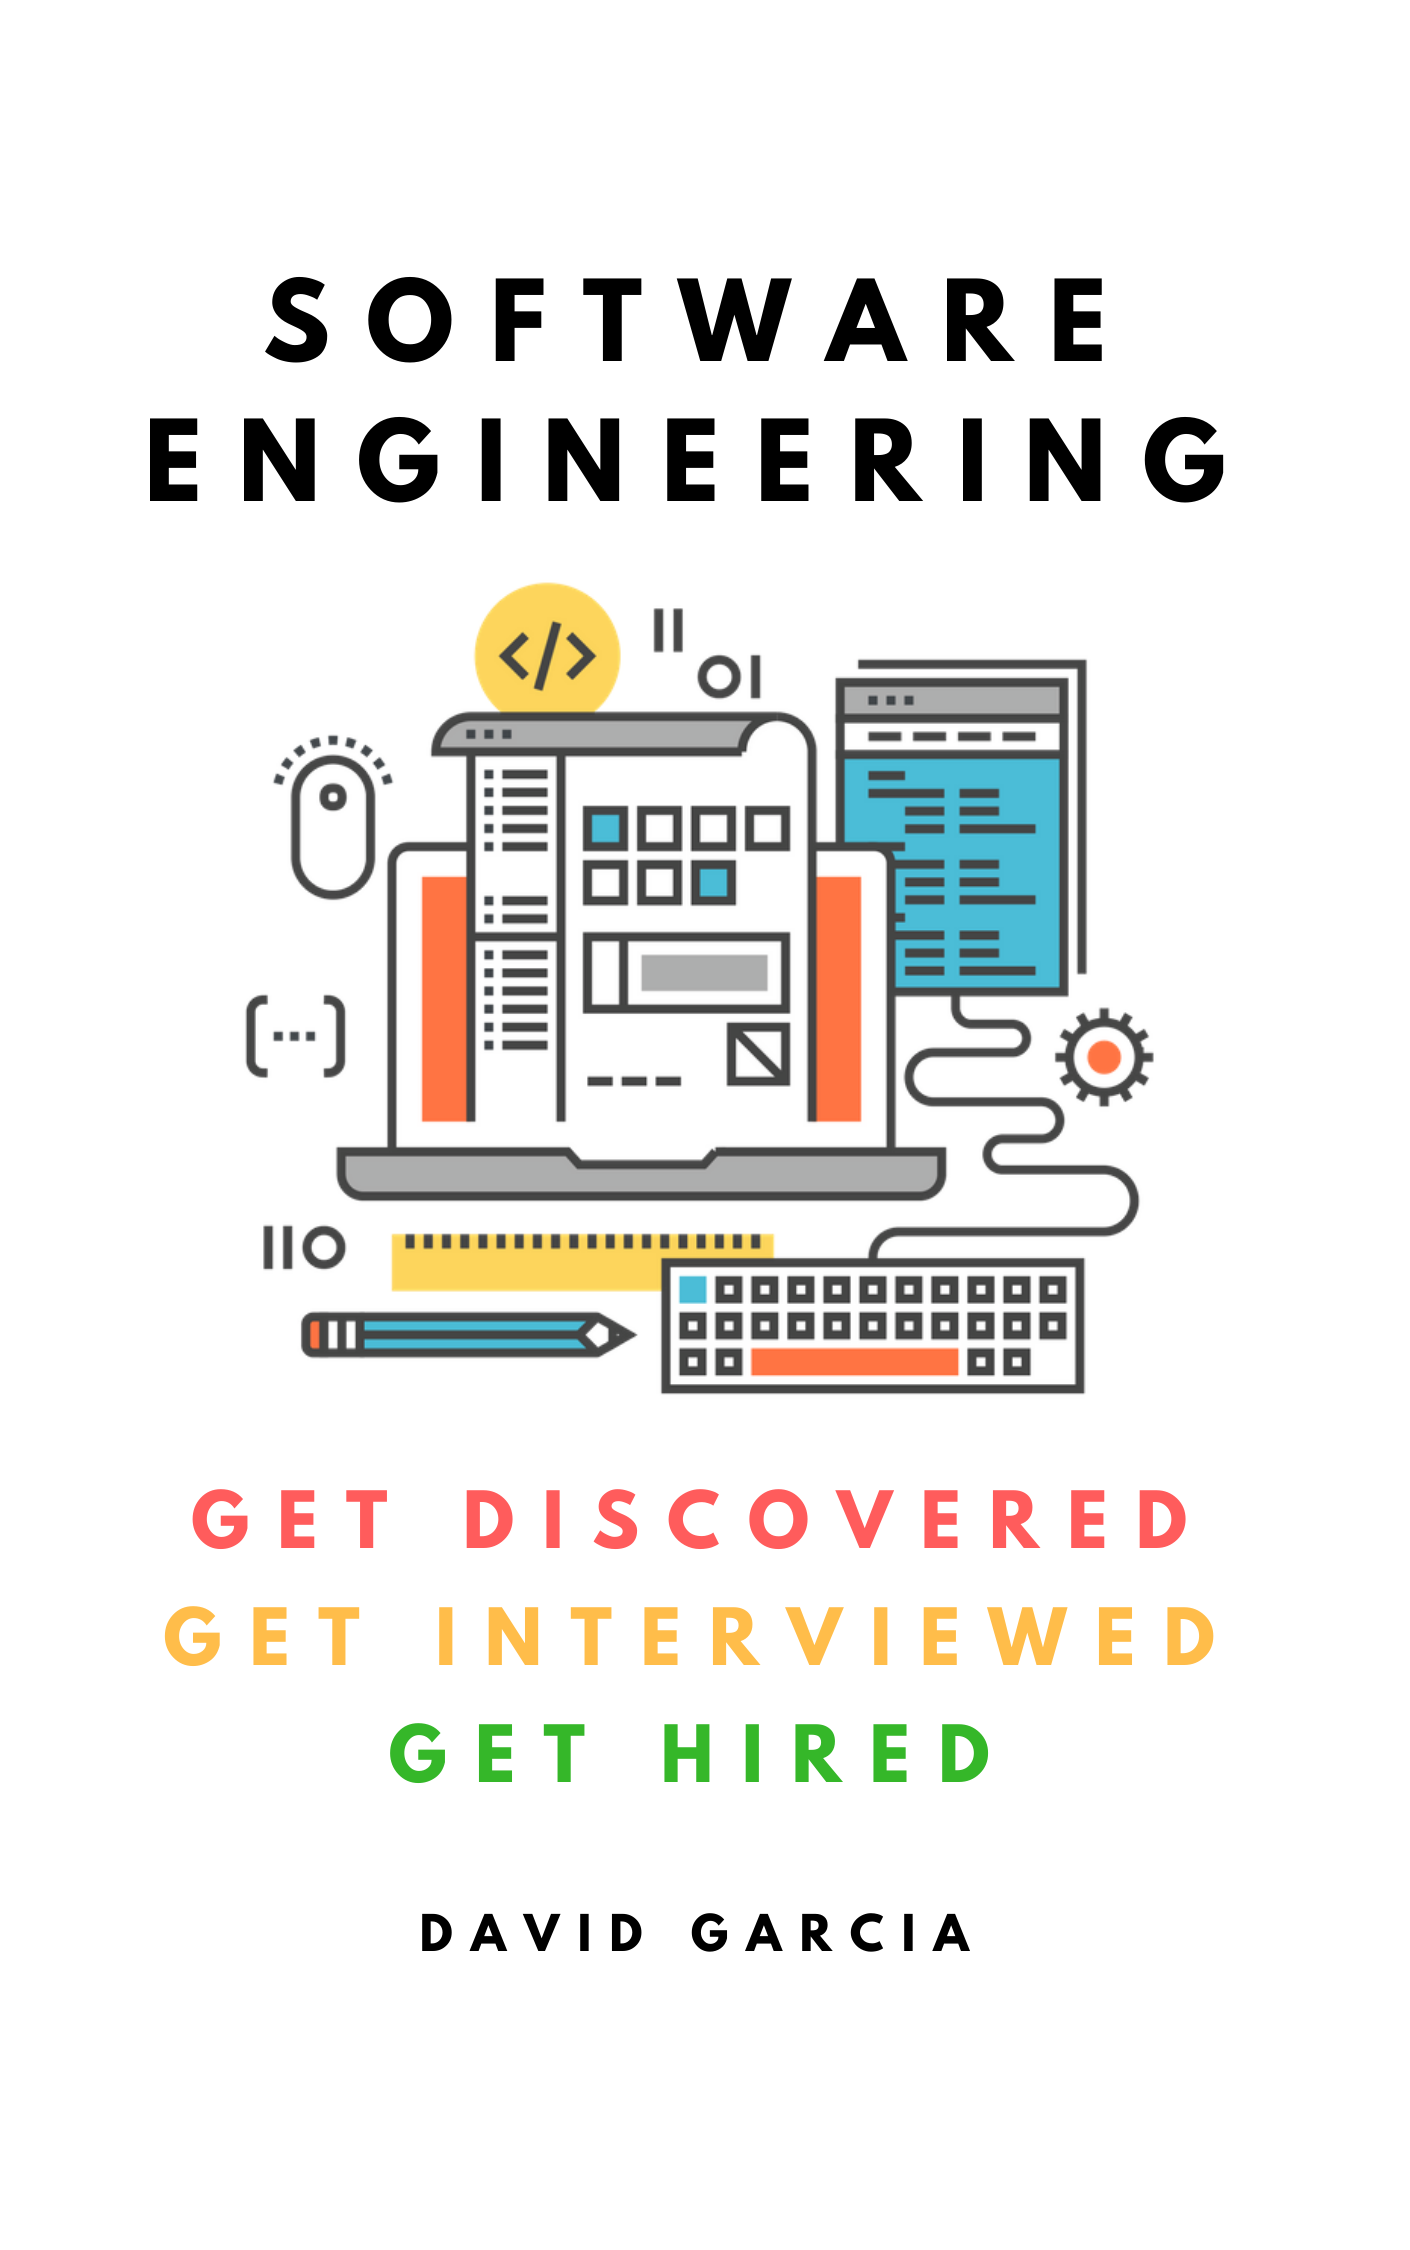 d46087bc62b0be536786c3a139db74e8 - How To Get Job In Apple As Software Engineer